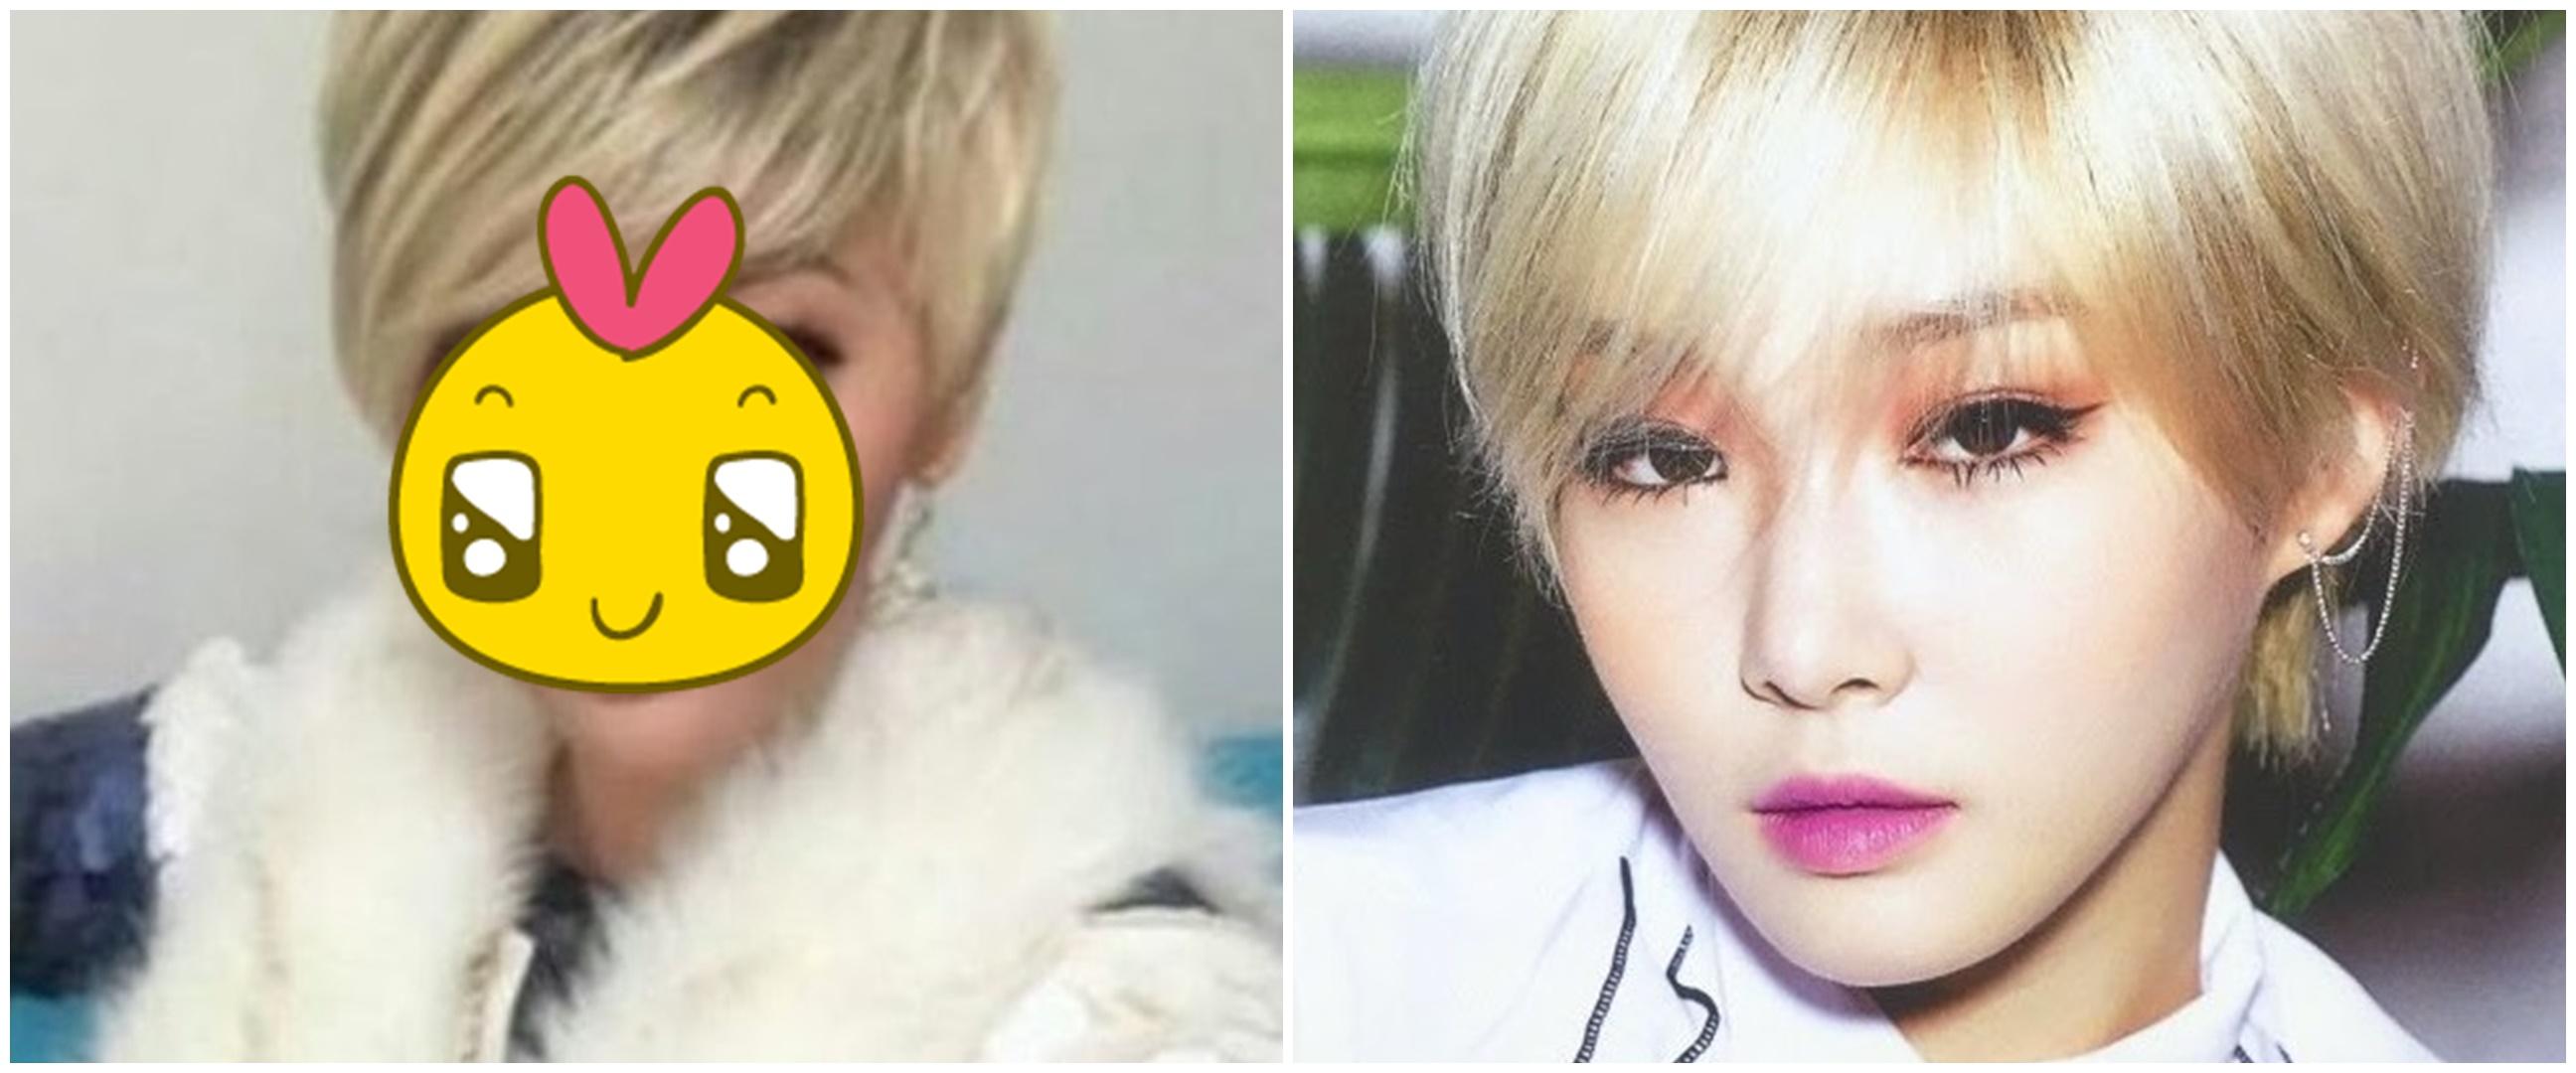 10 Cocoklogi artis Indonesia & idol K-pop versi netizen, kocak